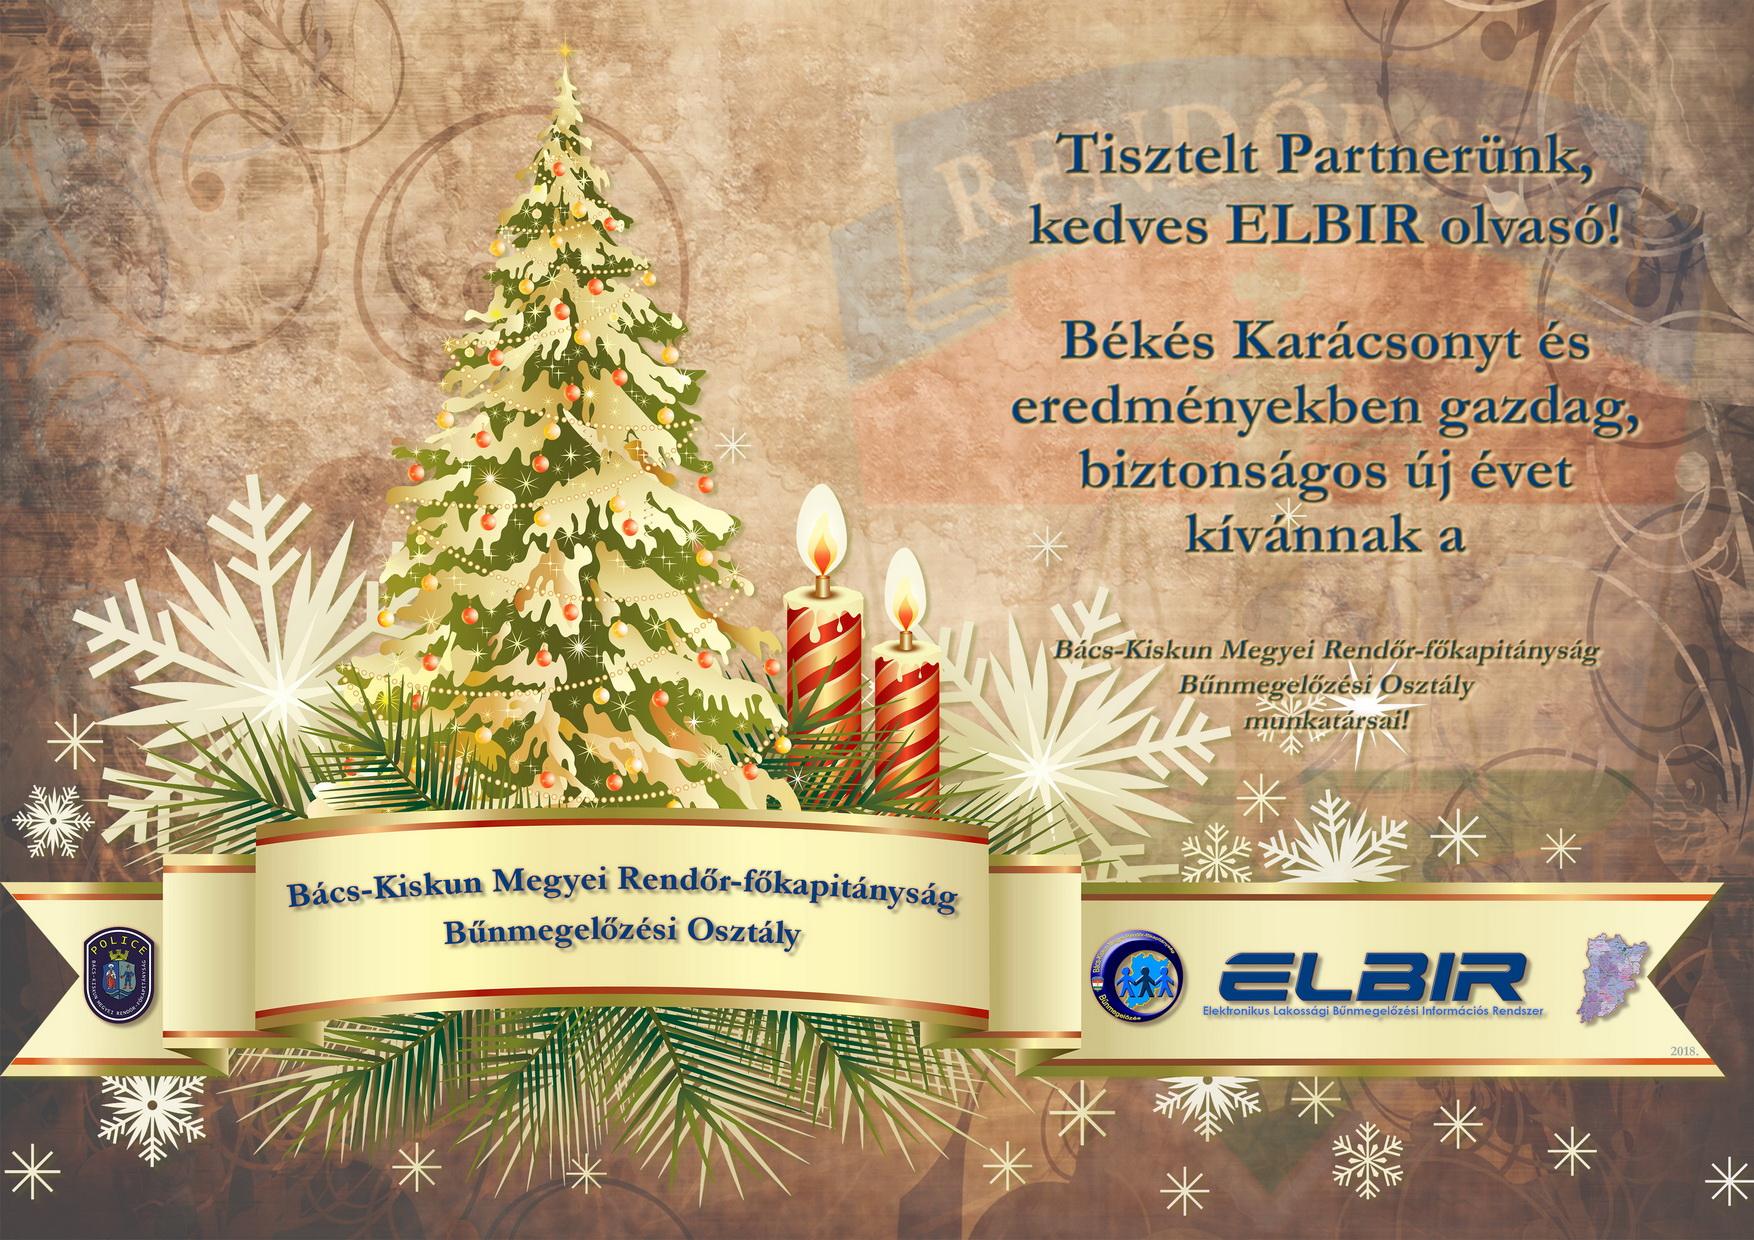 ELBIR jókívánság '18